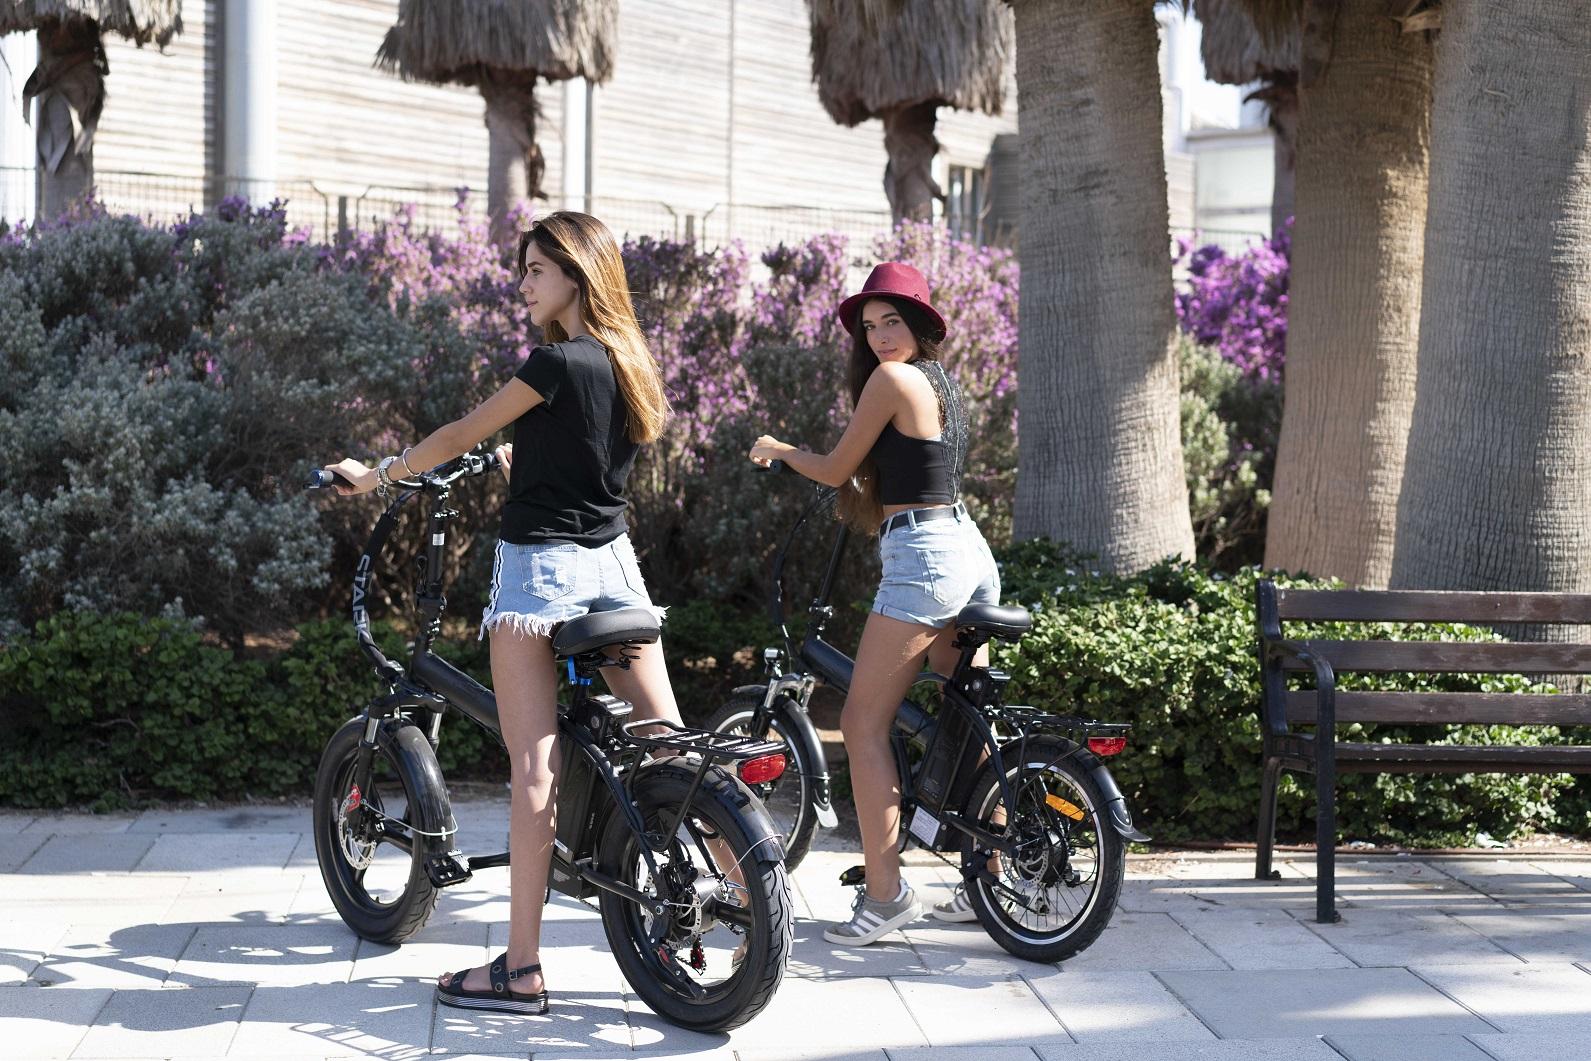 מחליפים אופניים חשמליים? טרייד אין או למכור באופן פרטי?